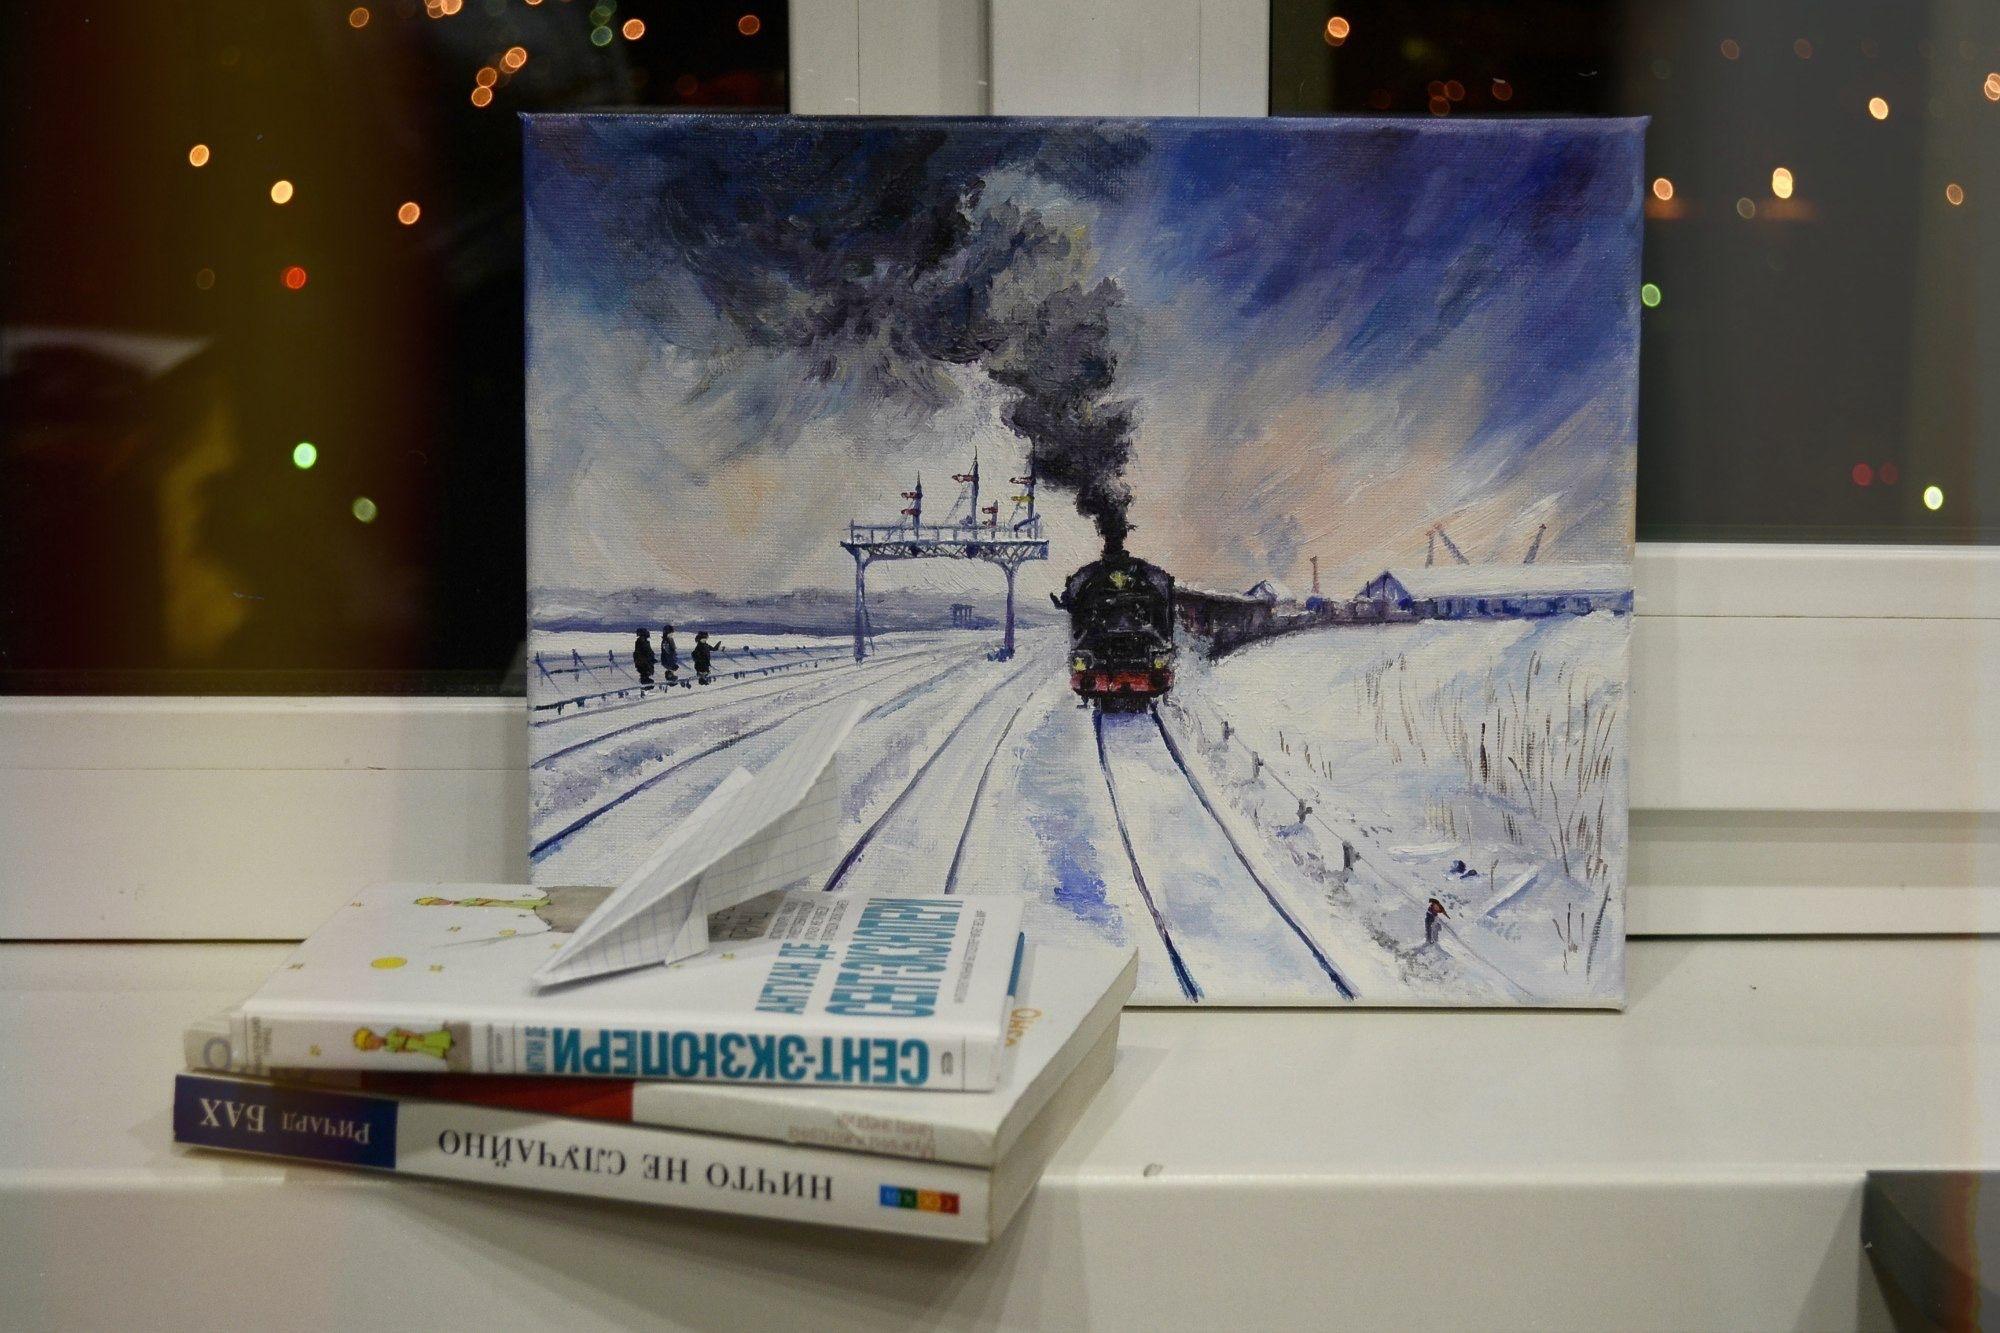 #картина, #масло, #пейзаж, #зима, #паровоз, #поезд, #жд